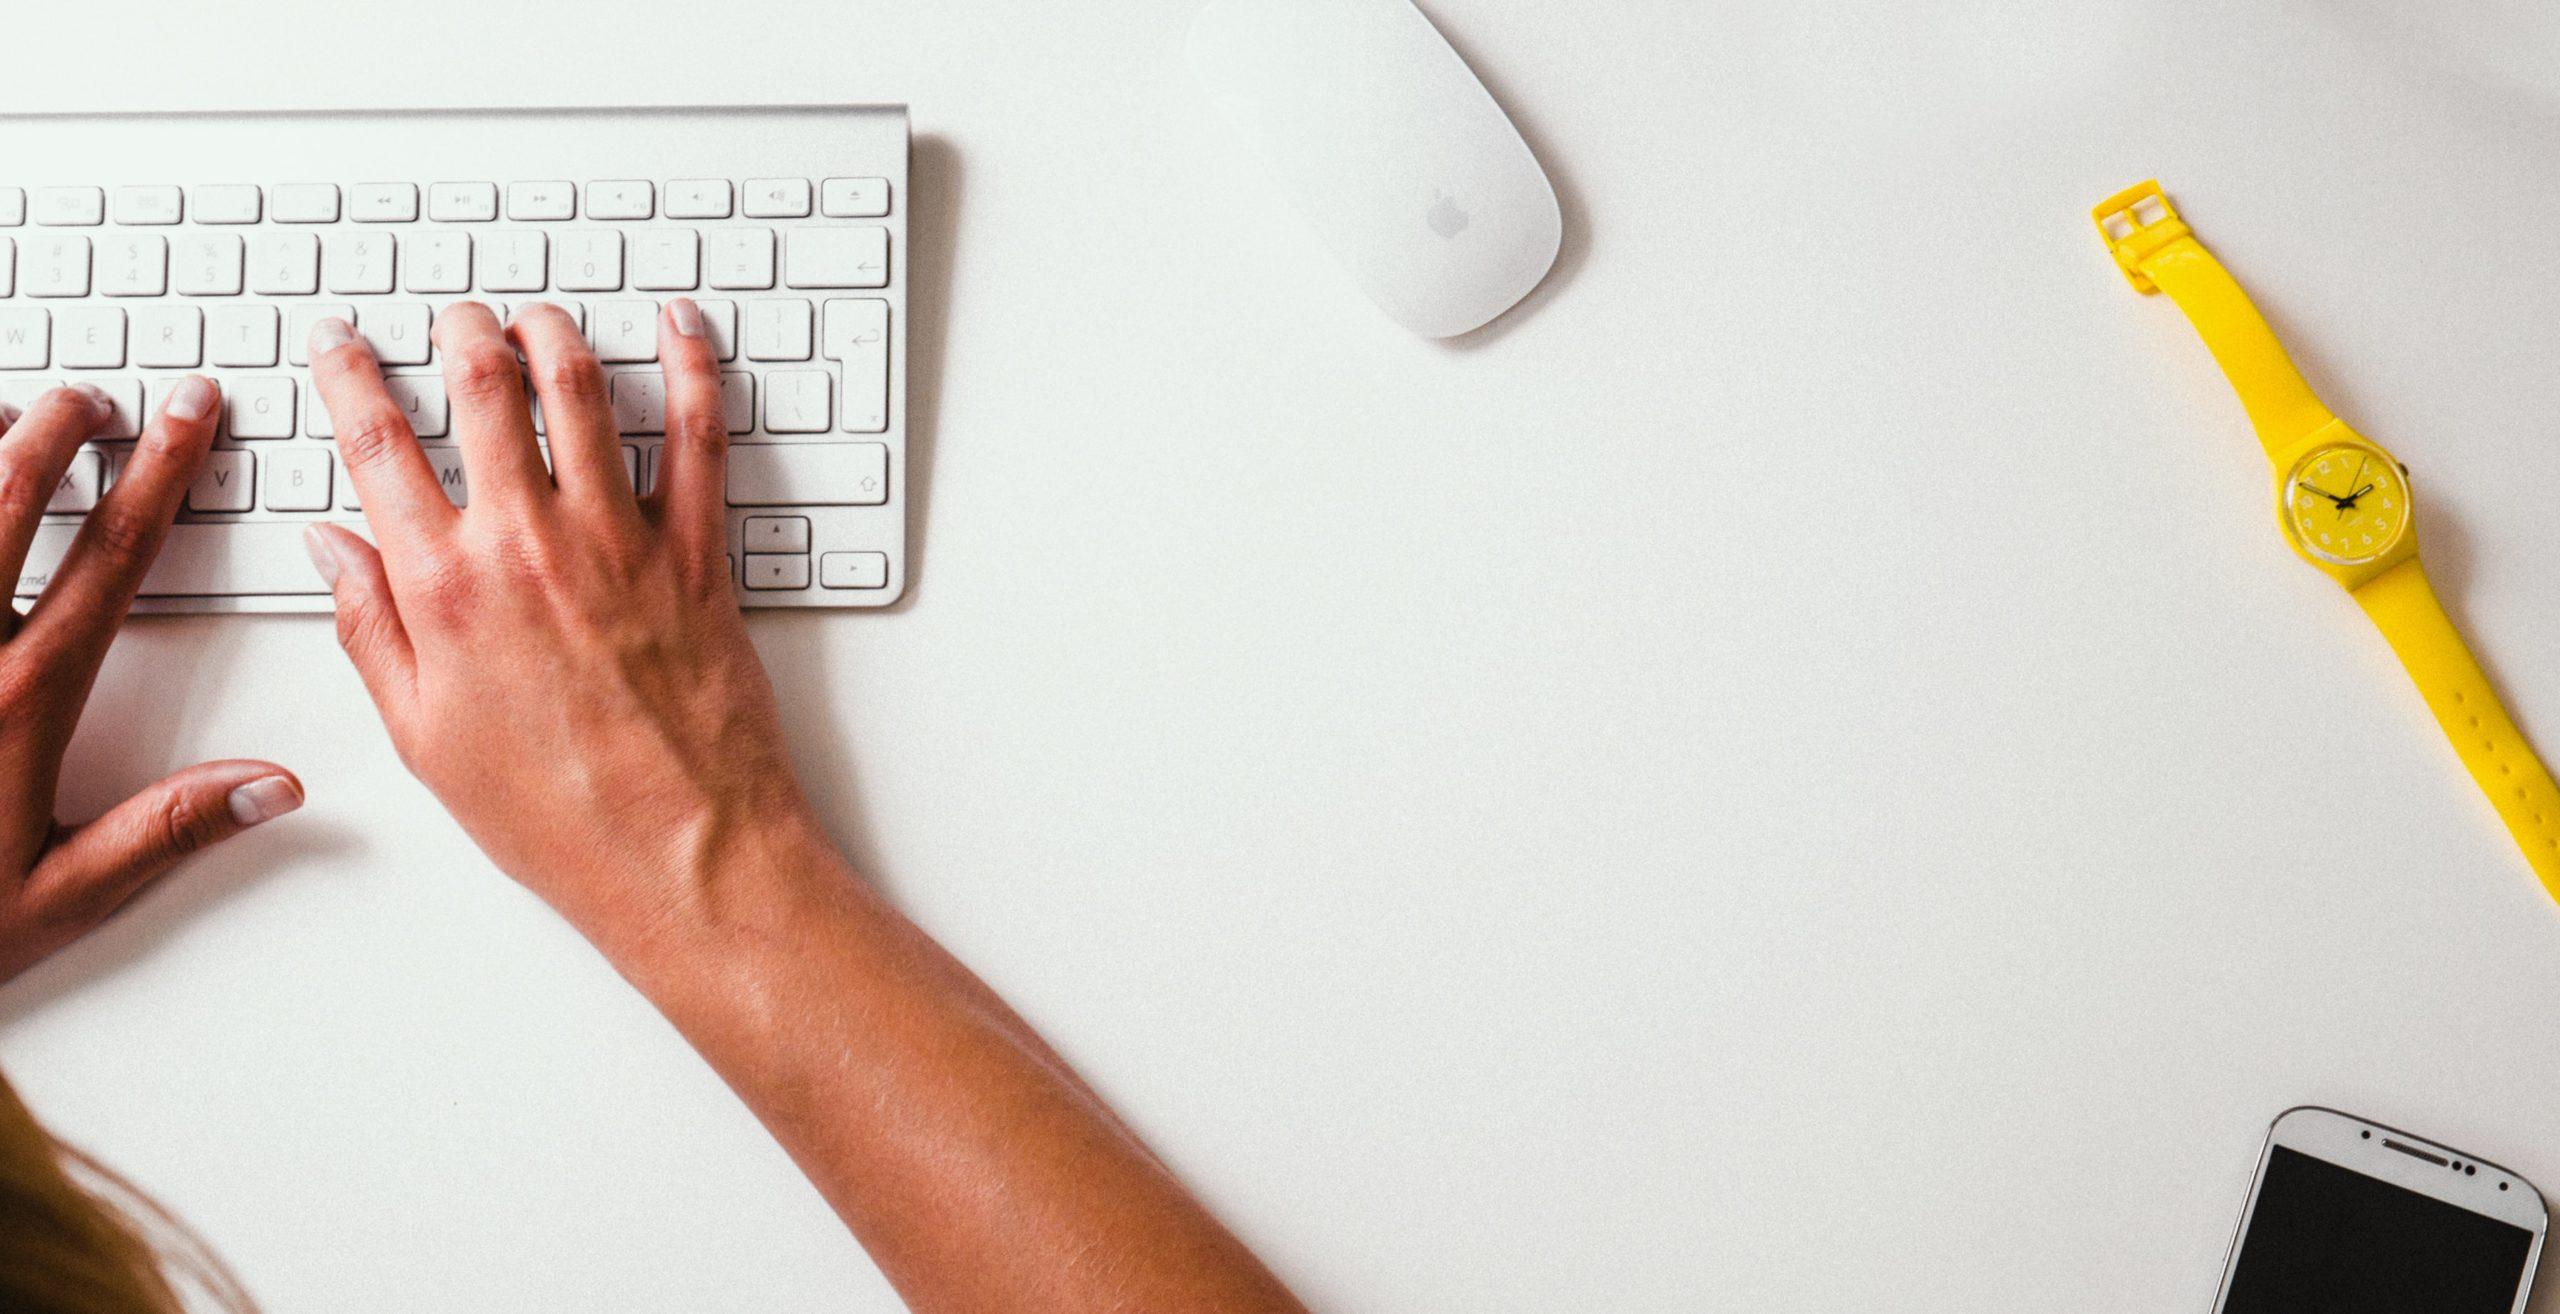 Jak dobrze się czuć, pracując zdalnie? Dowiedz się, co pomaga w wirtualnej pracy